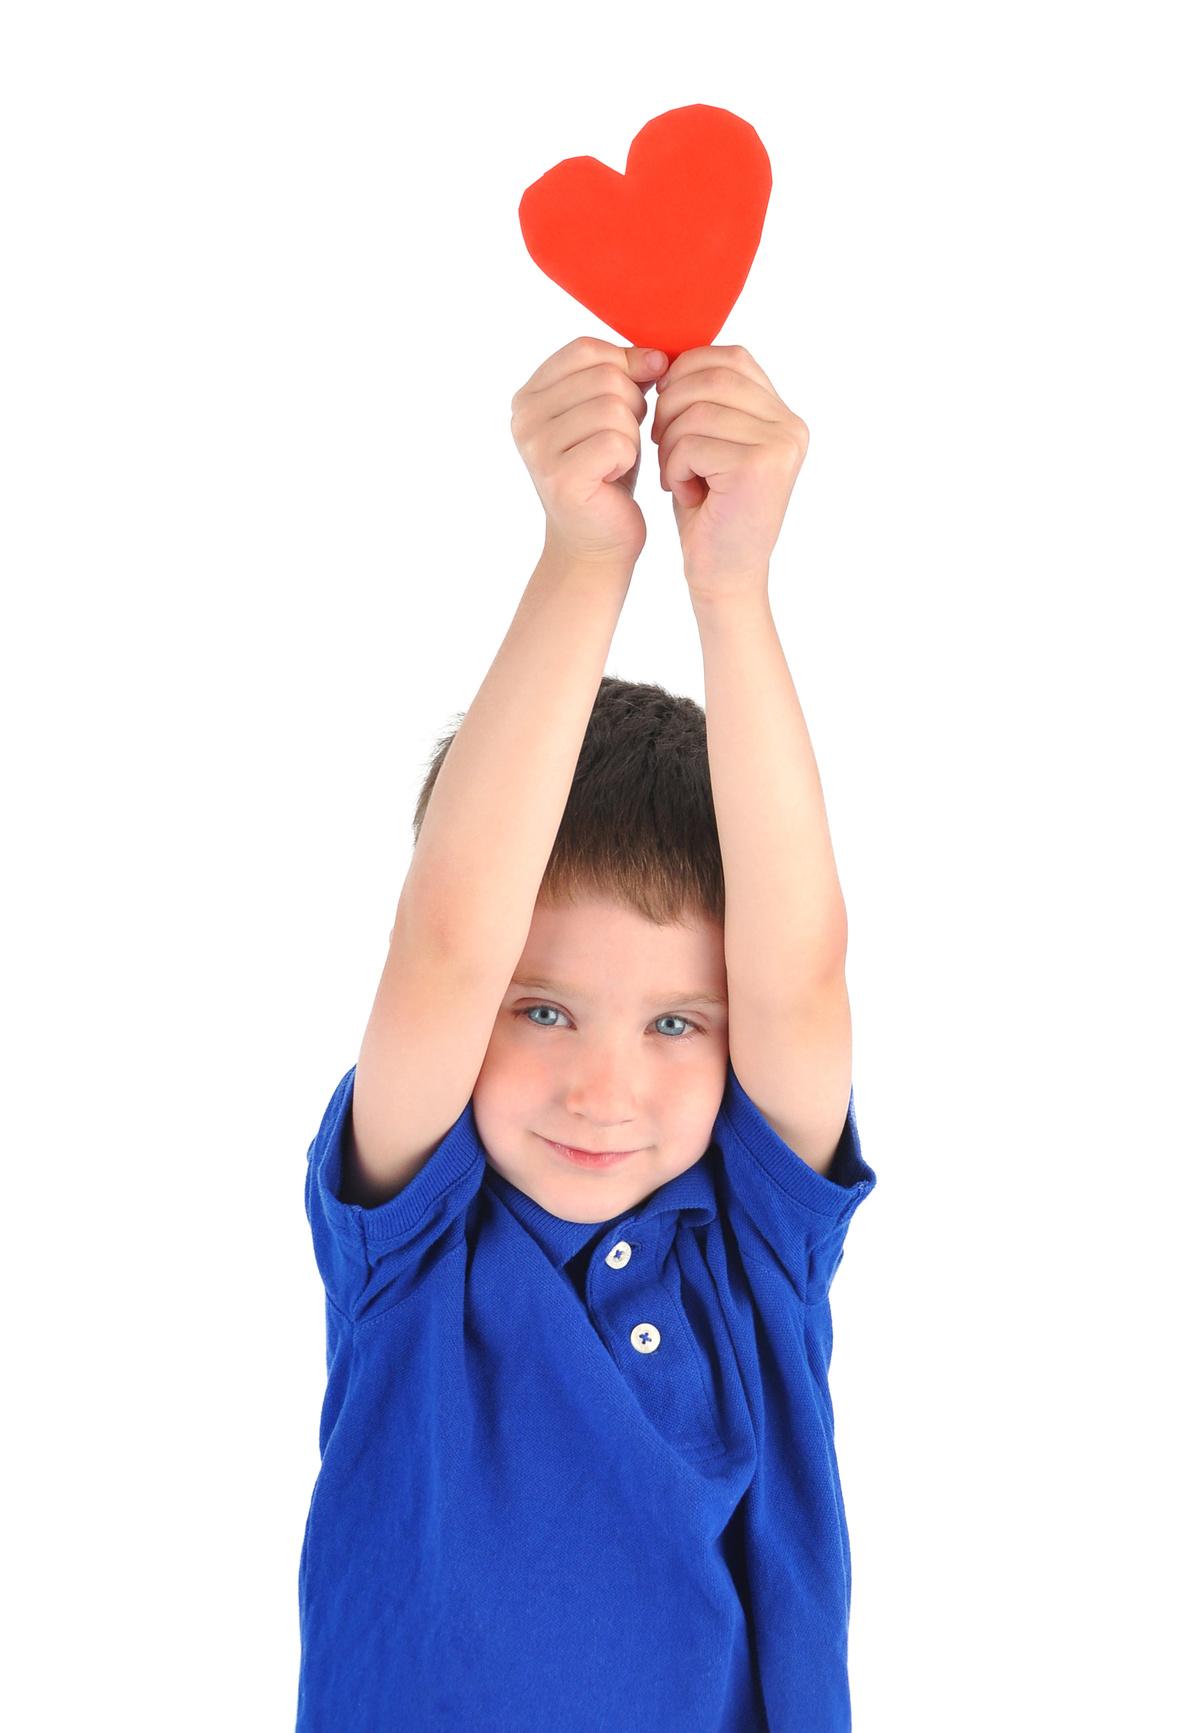 012604854-little-boy-holding-love-heart.jpeg